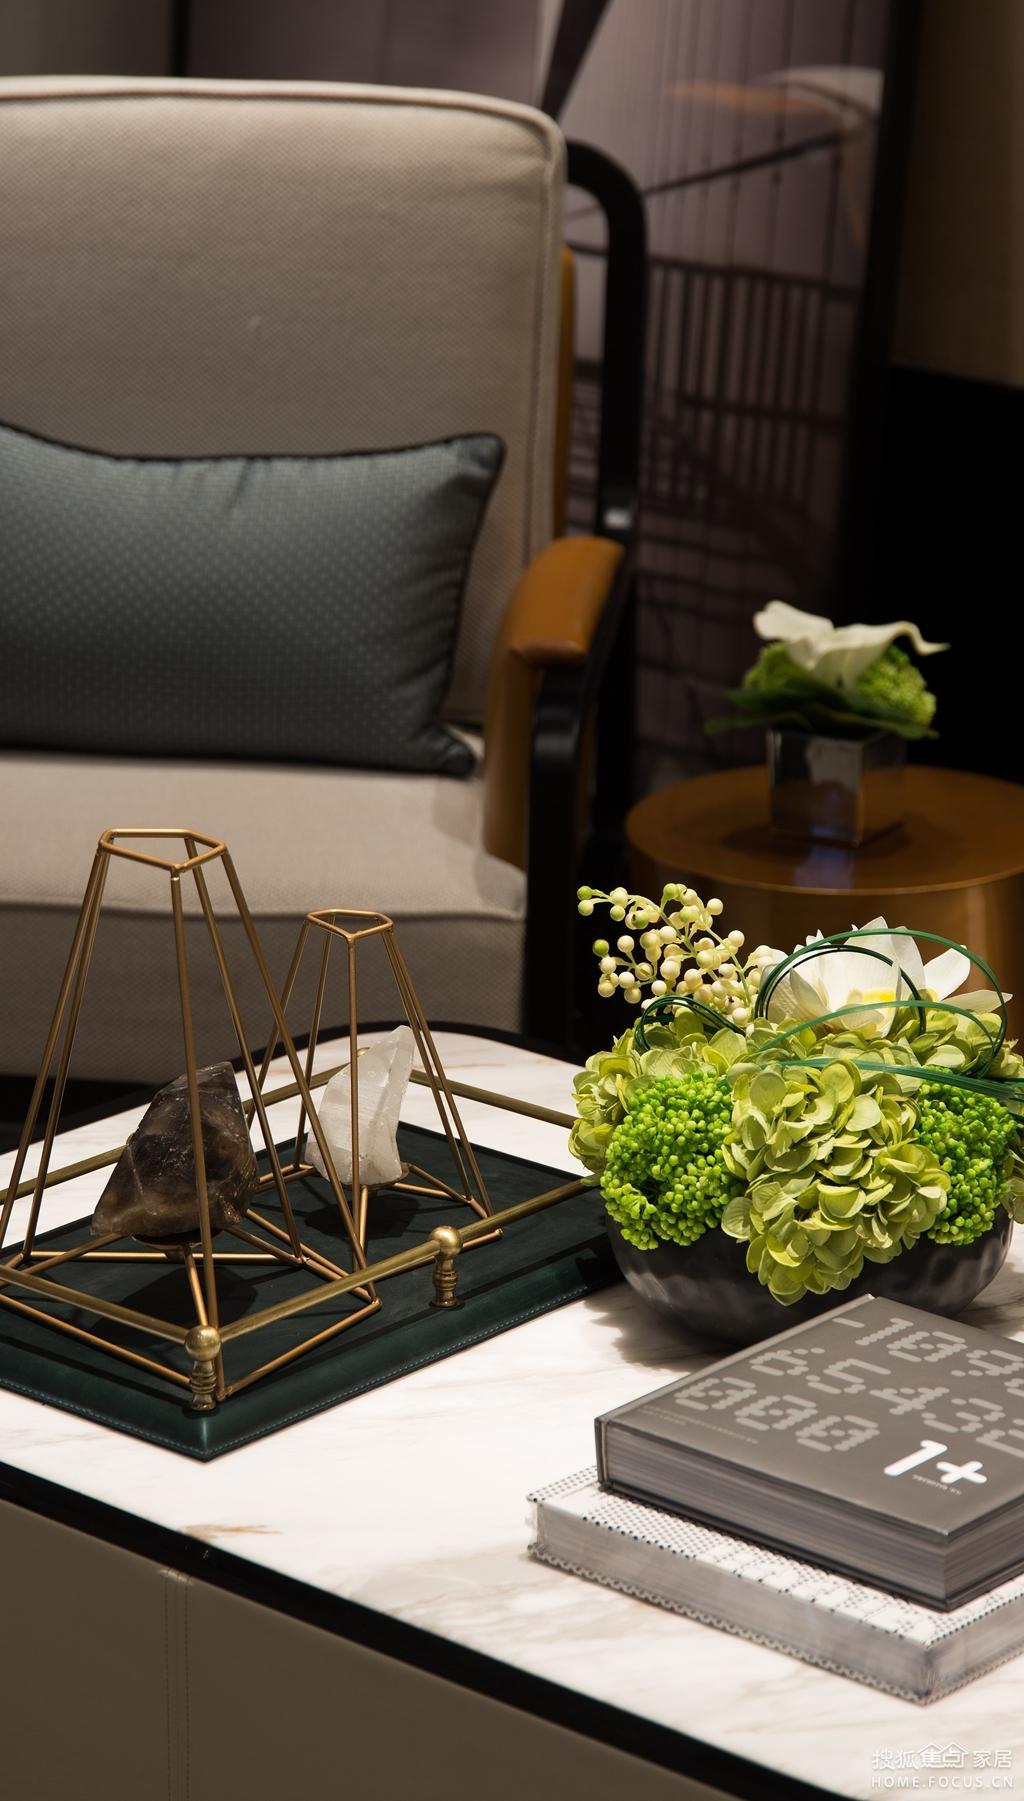 苏州华润金悦湾实景李益中空间设计100户型小平图别墅别墅图片